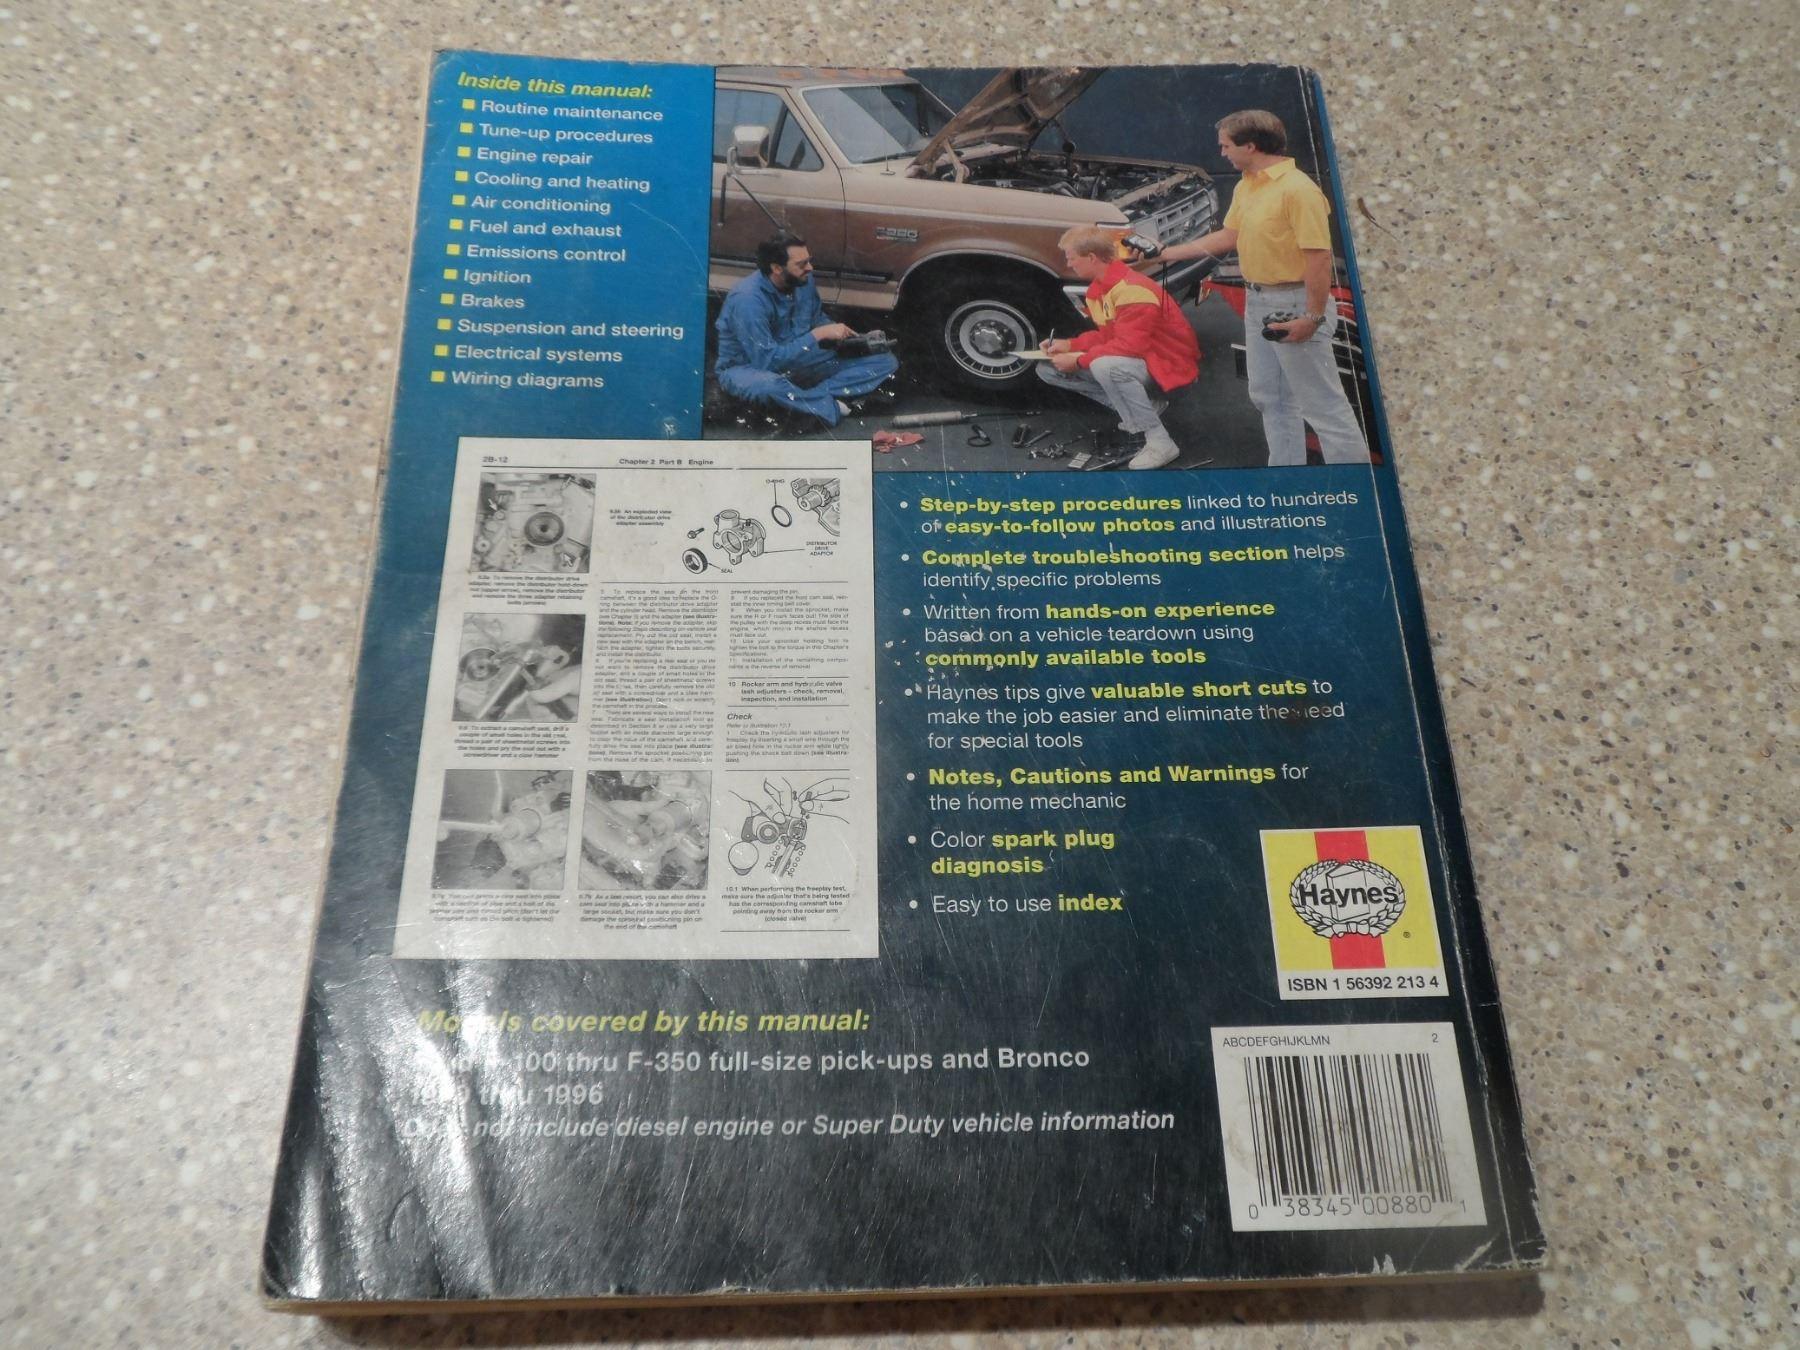 image 8 : 4 pick up truck repair manuals (88-98 gm, 74